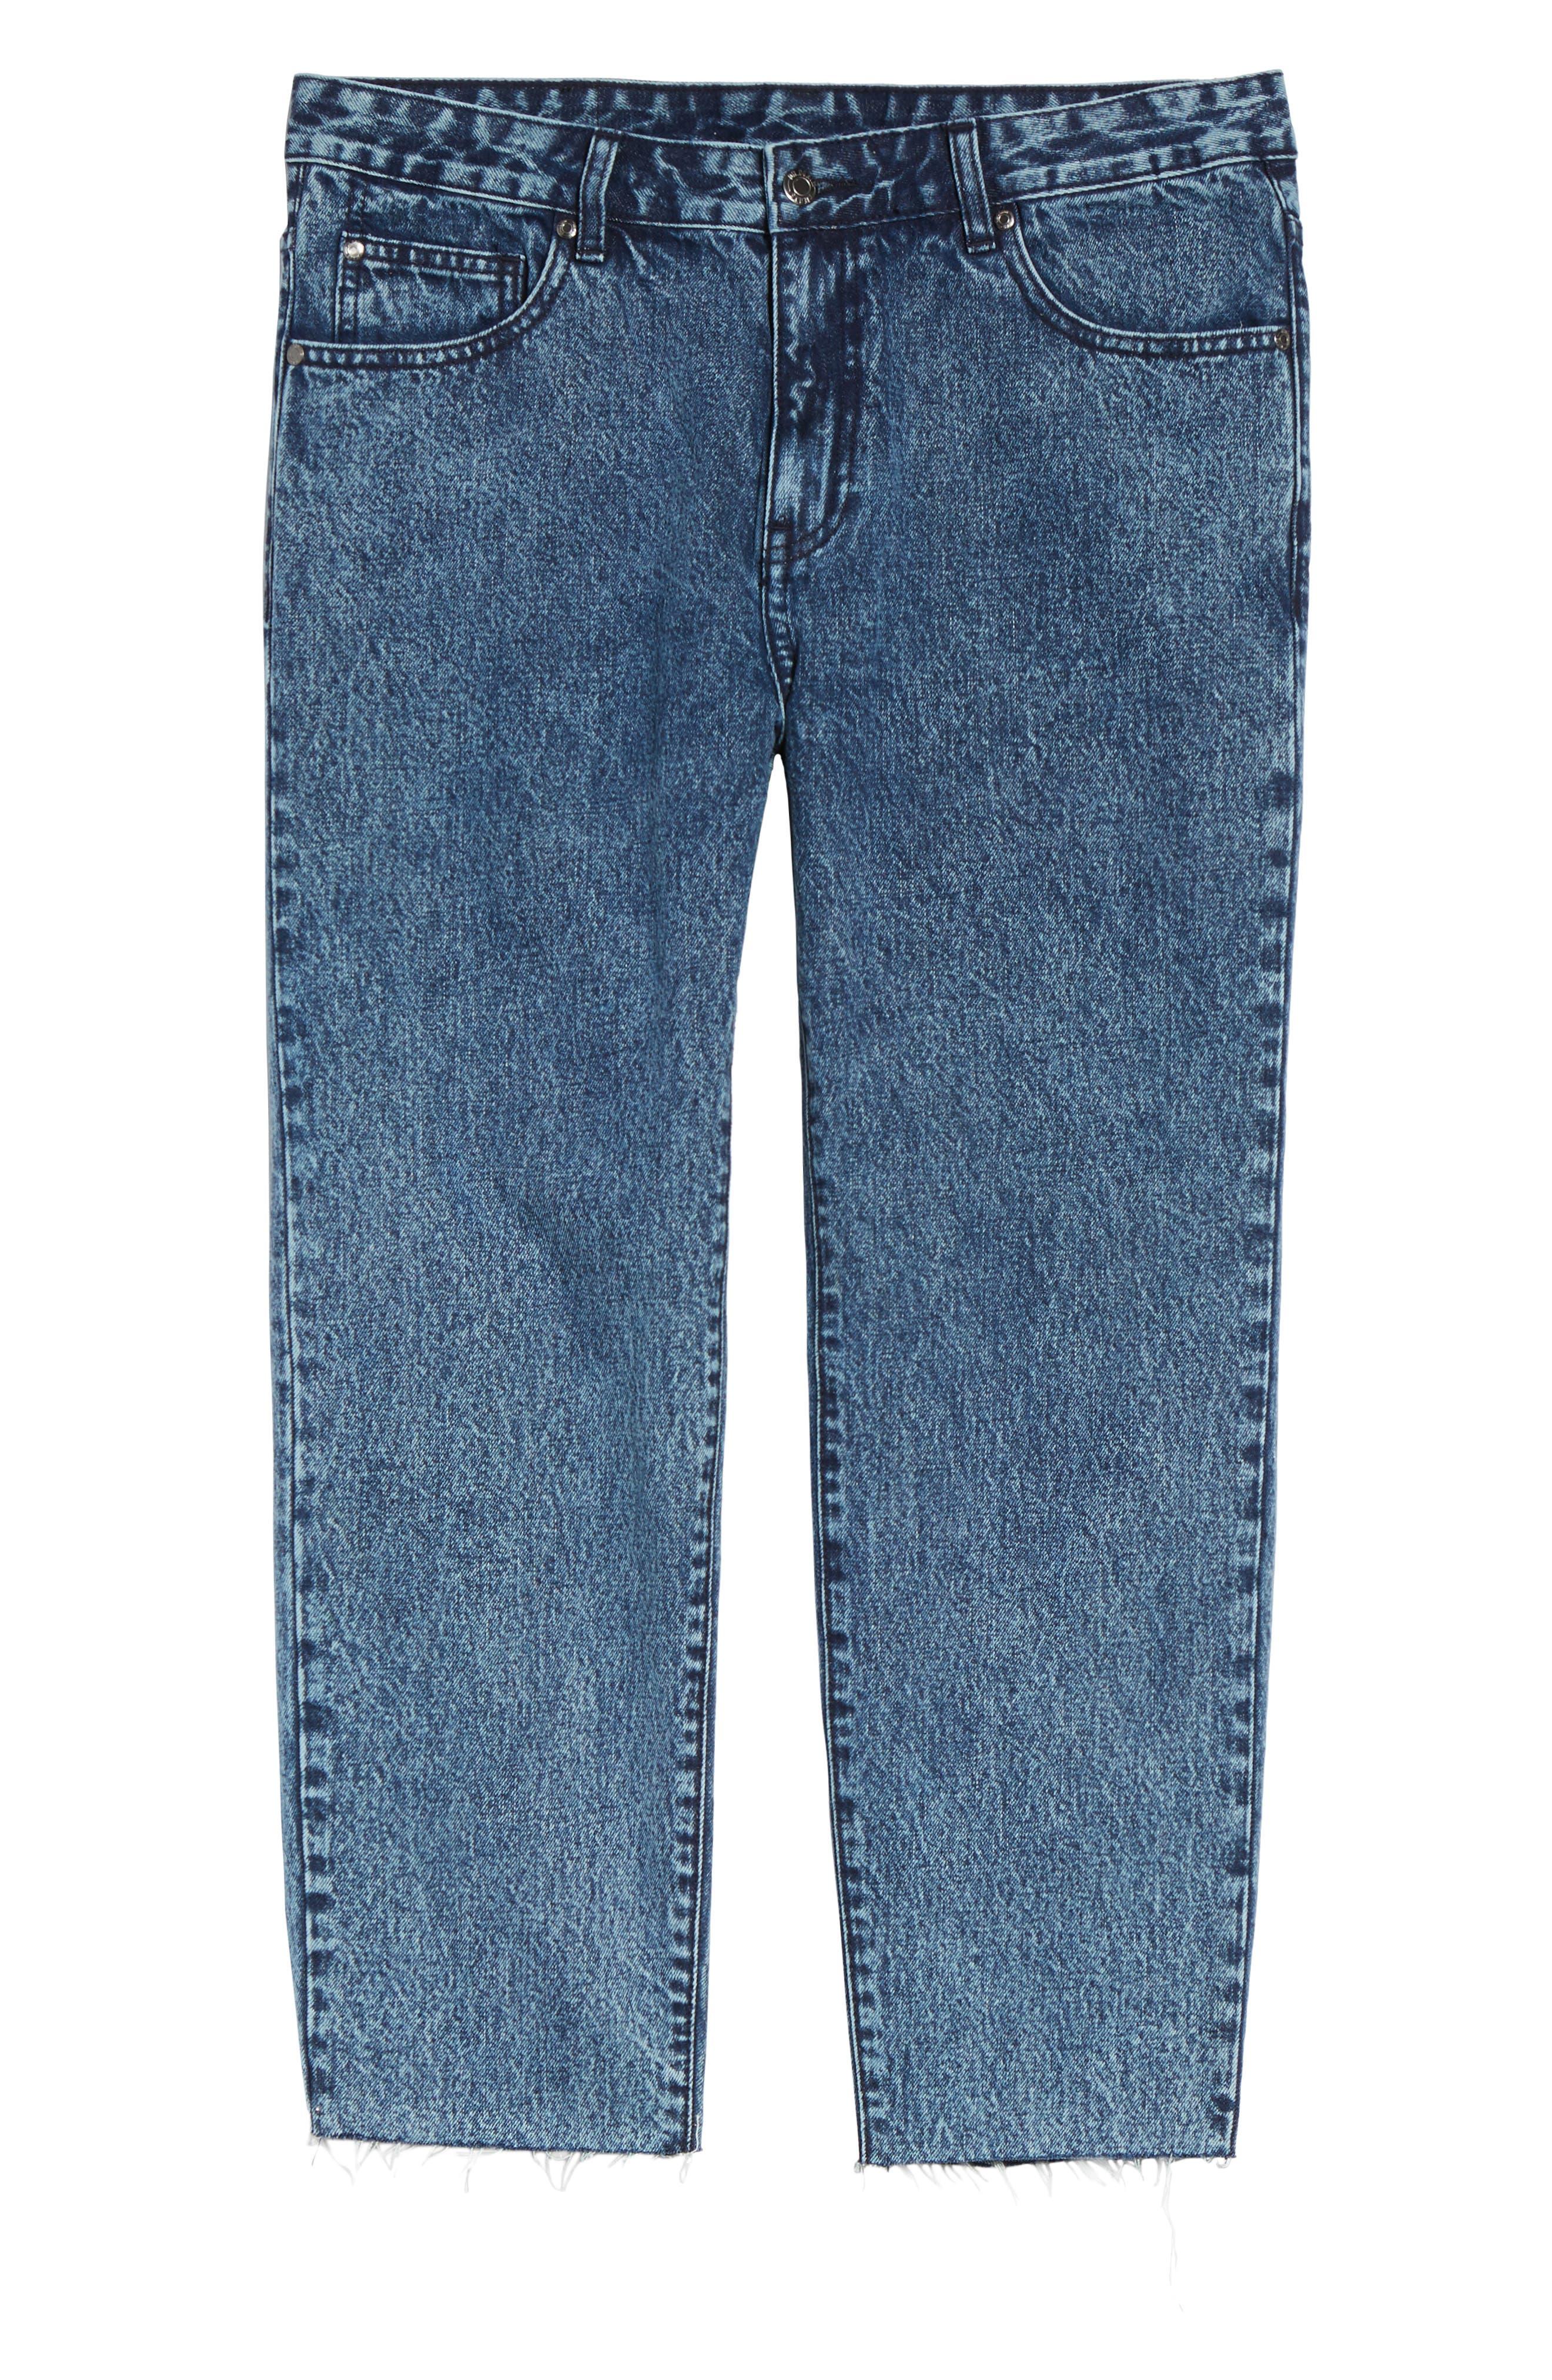 Otis Straight Fit Crop Jeans,                             Alternate thumbnail 6, color,                             400